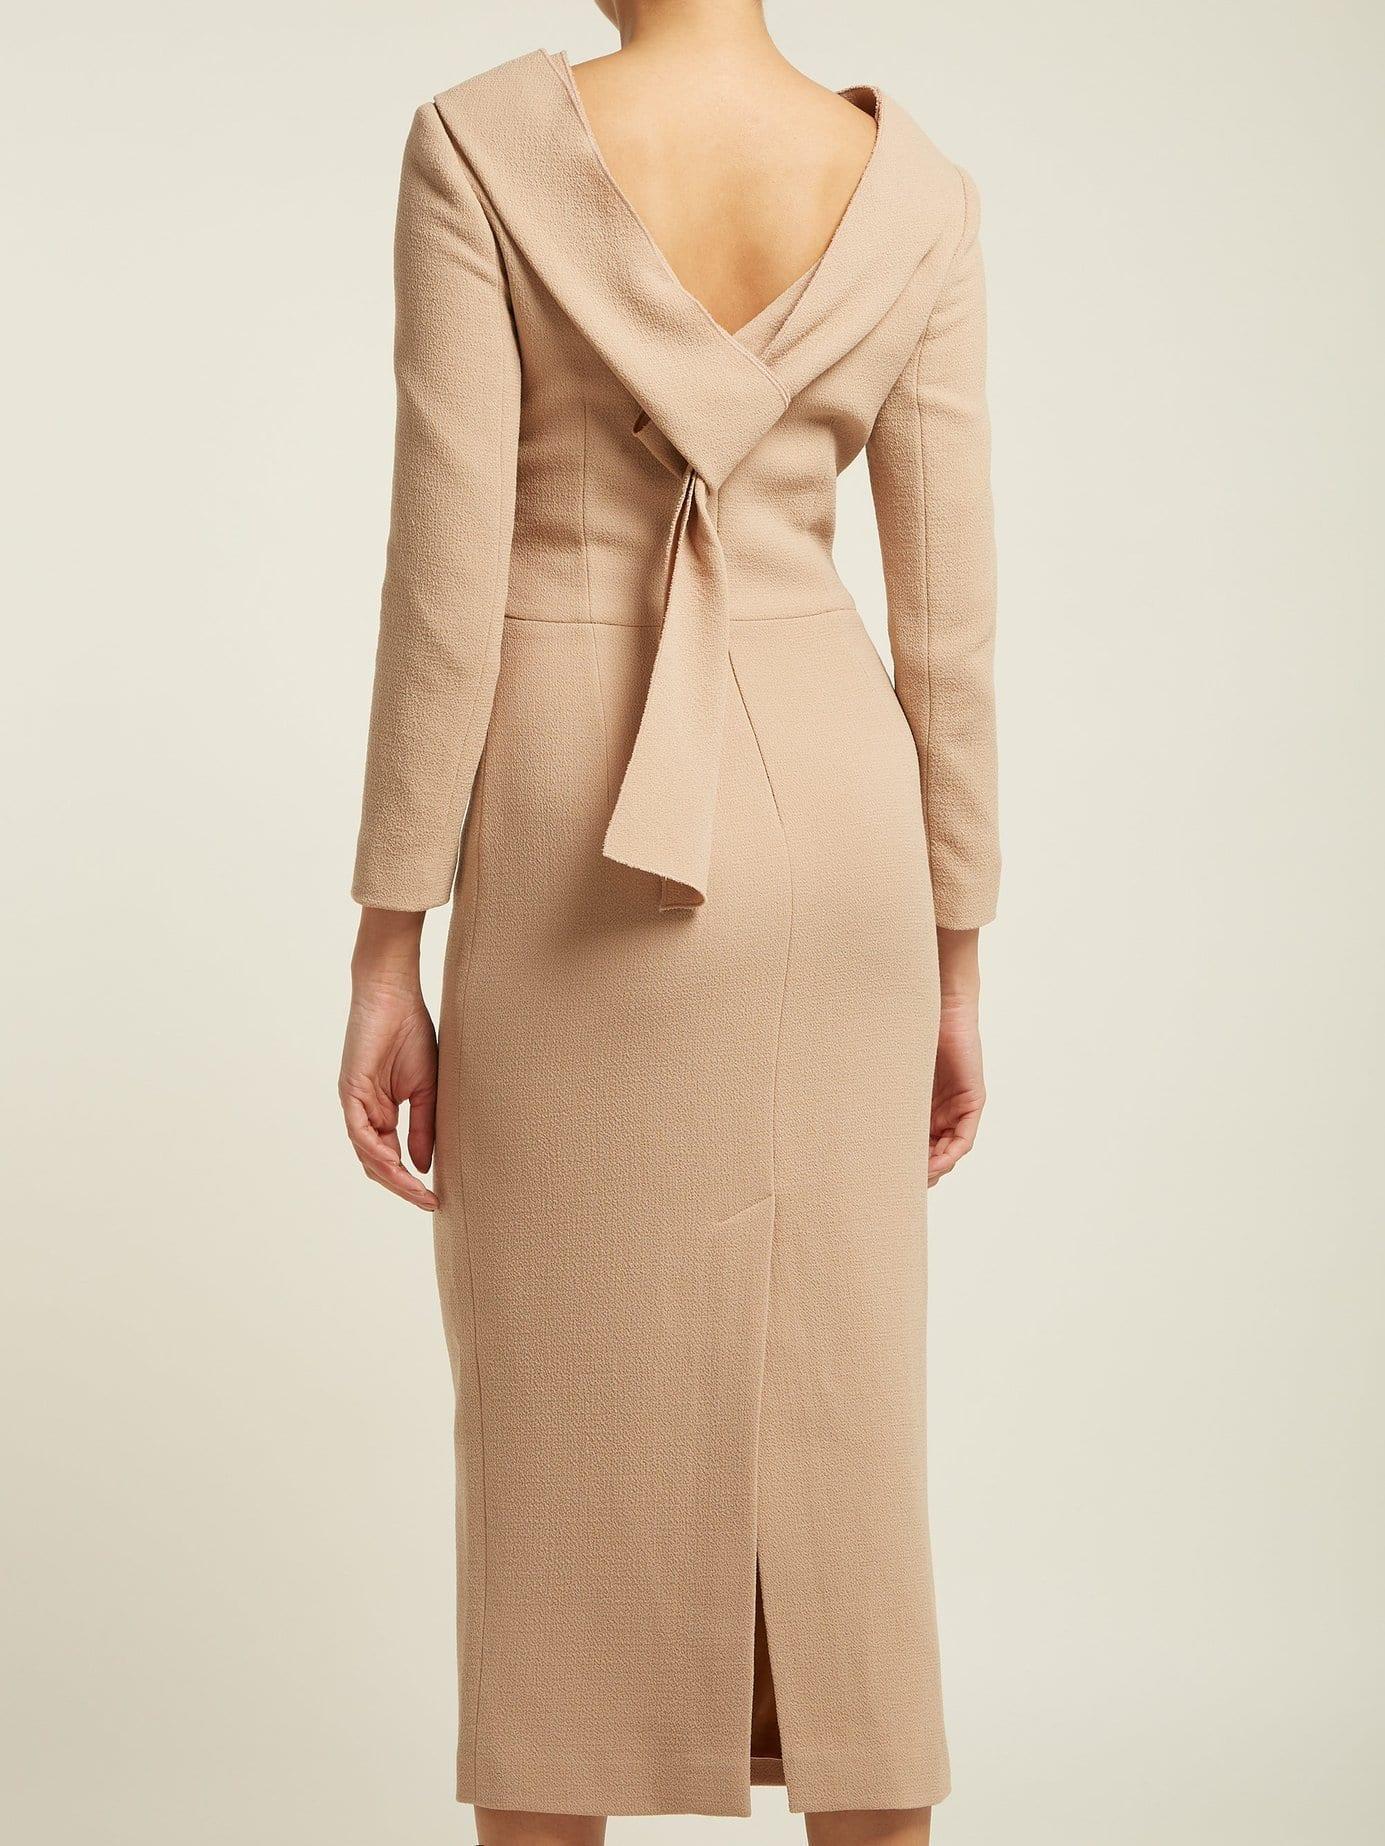 CARL KAPP Noah Wool-Crepe Camel Dress